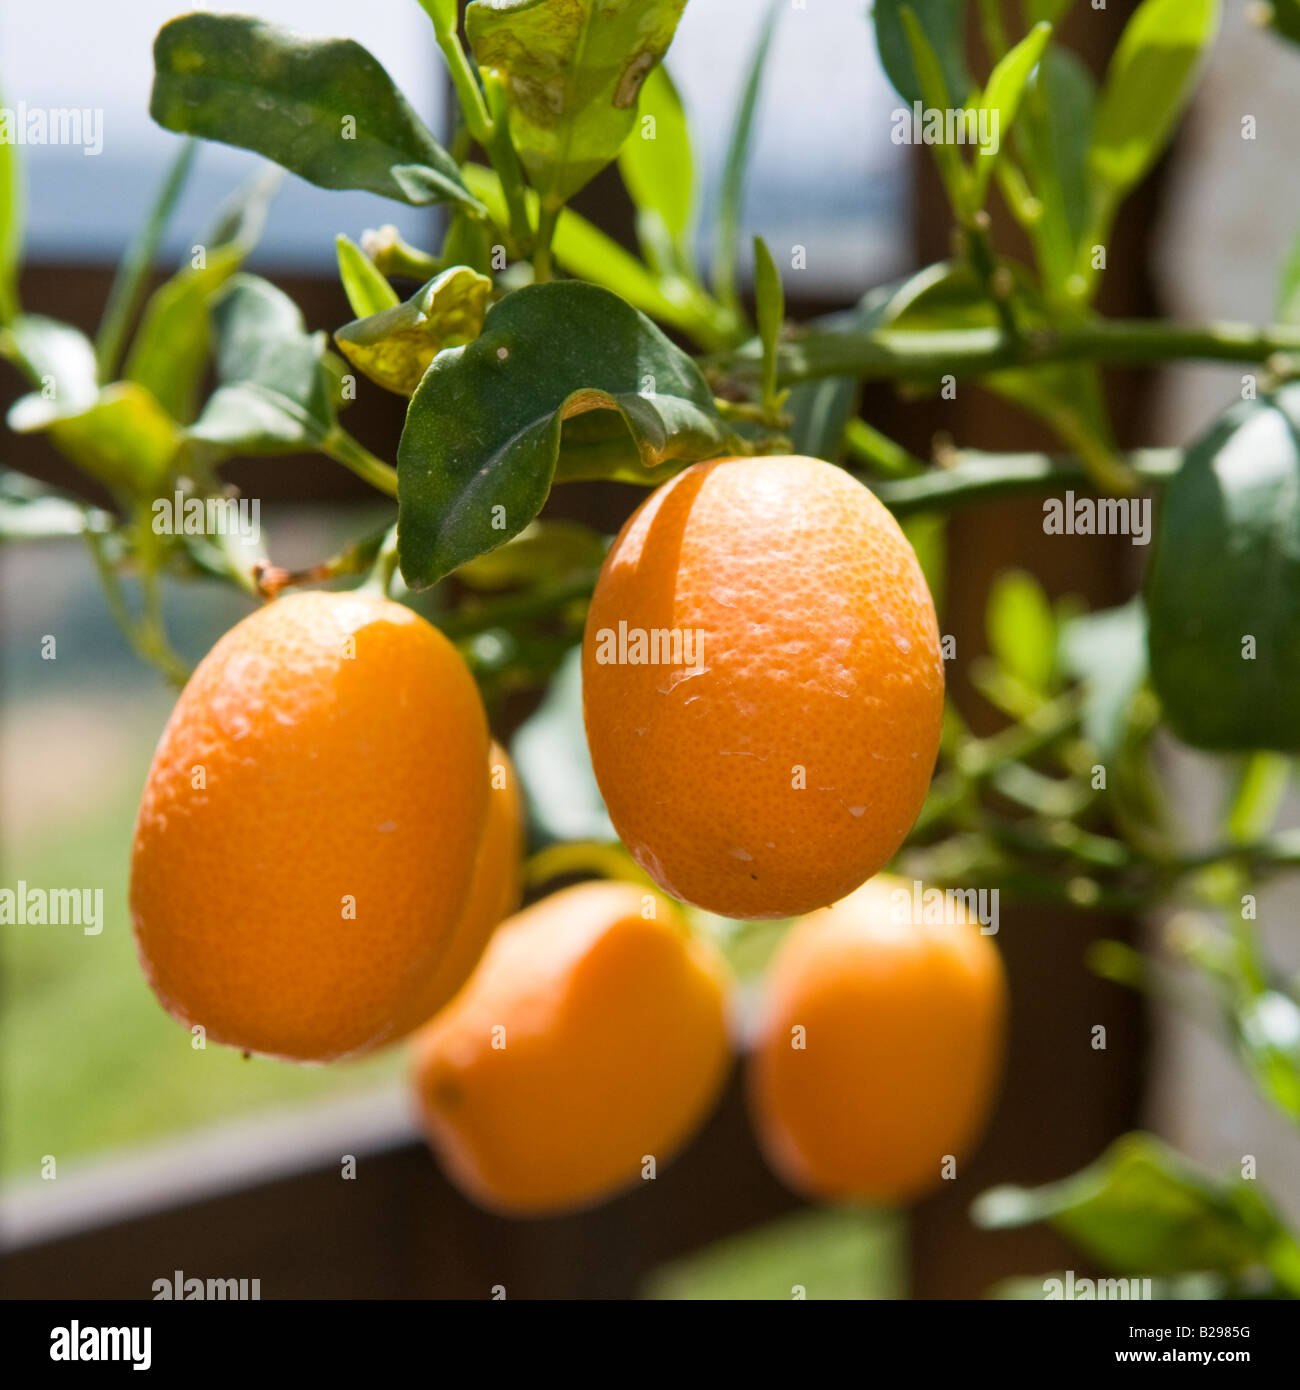 Kumquat Tree Stock Photos Amp Kumquat Tree Stock Images Alamy